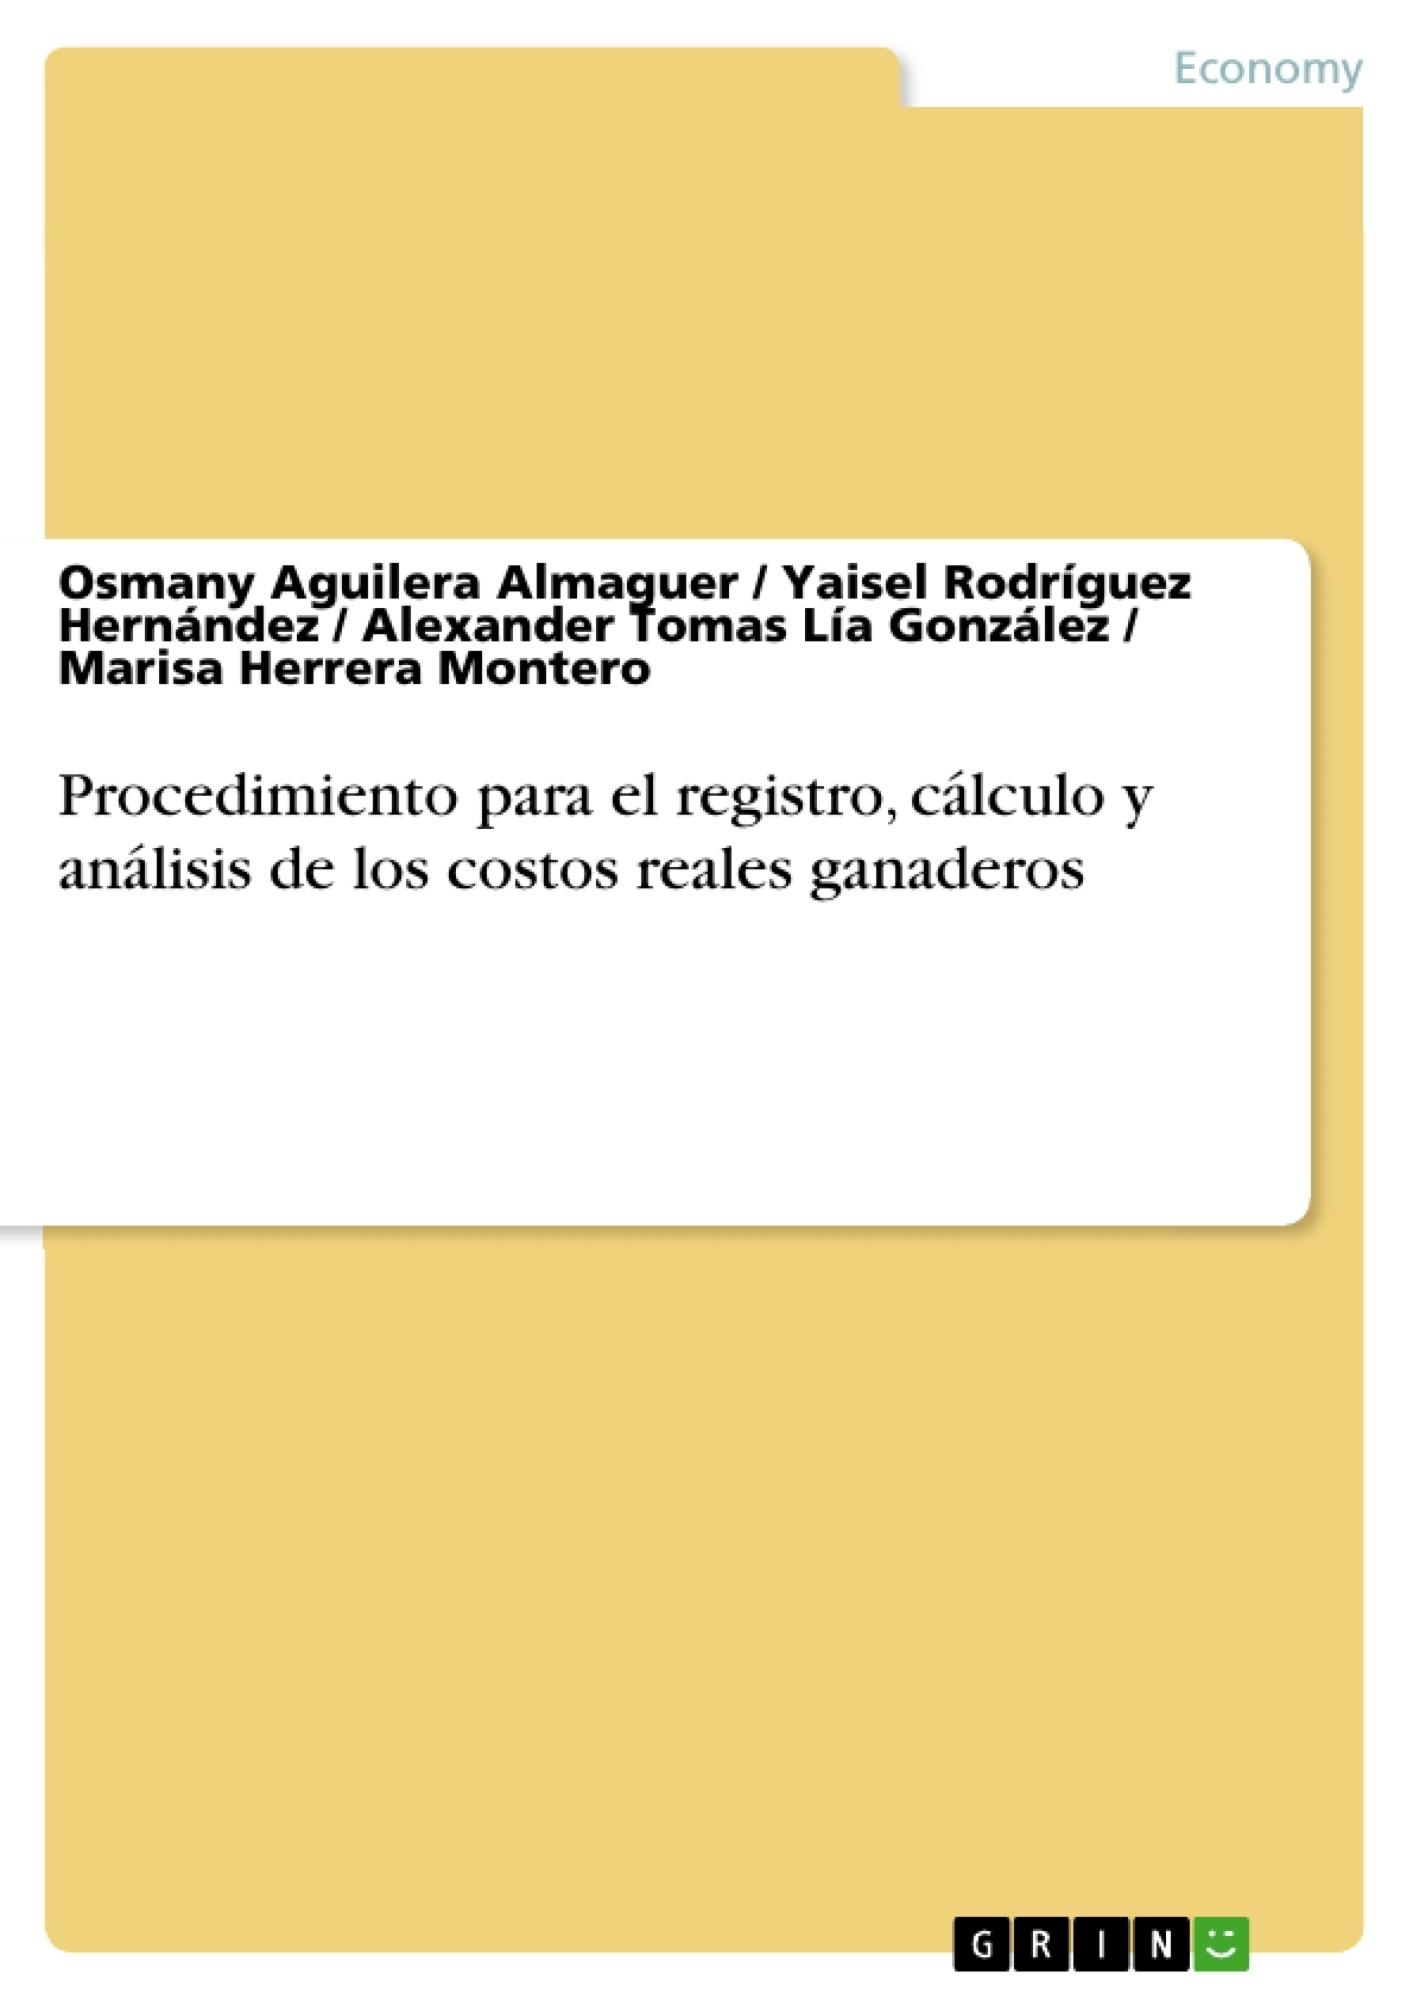 Título: Procedimiento para el registro, cálculo y análisis de los costos reales ganaderos